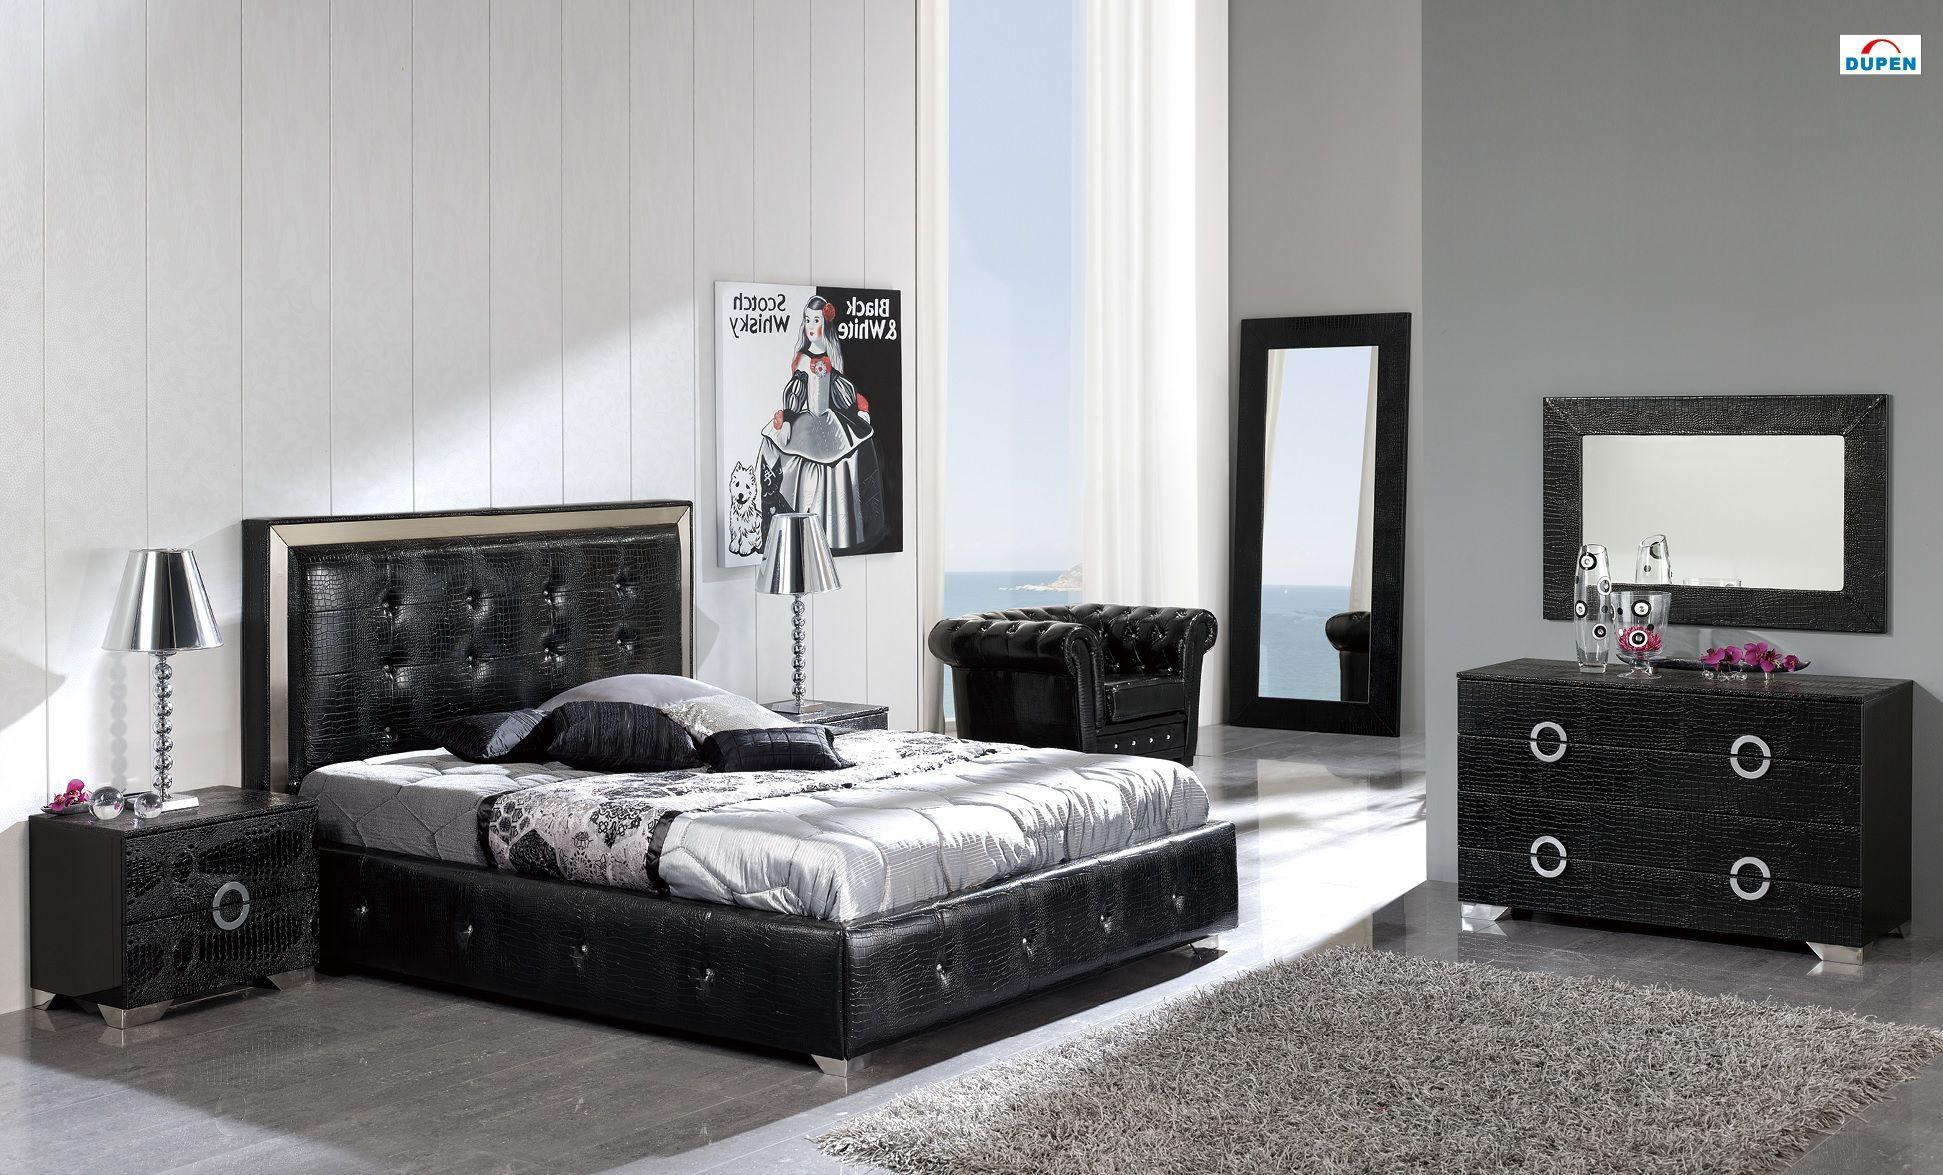 Coco Bedroom Set In Black By Dupen Made In Spain Modern Bedroom Furniture Sets Platform Bedroom Sets Modern Bedroom Furniture